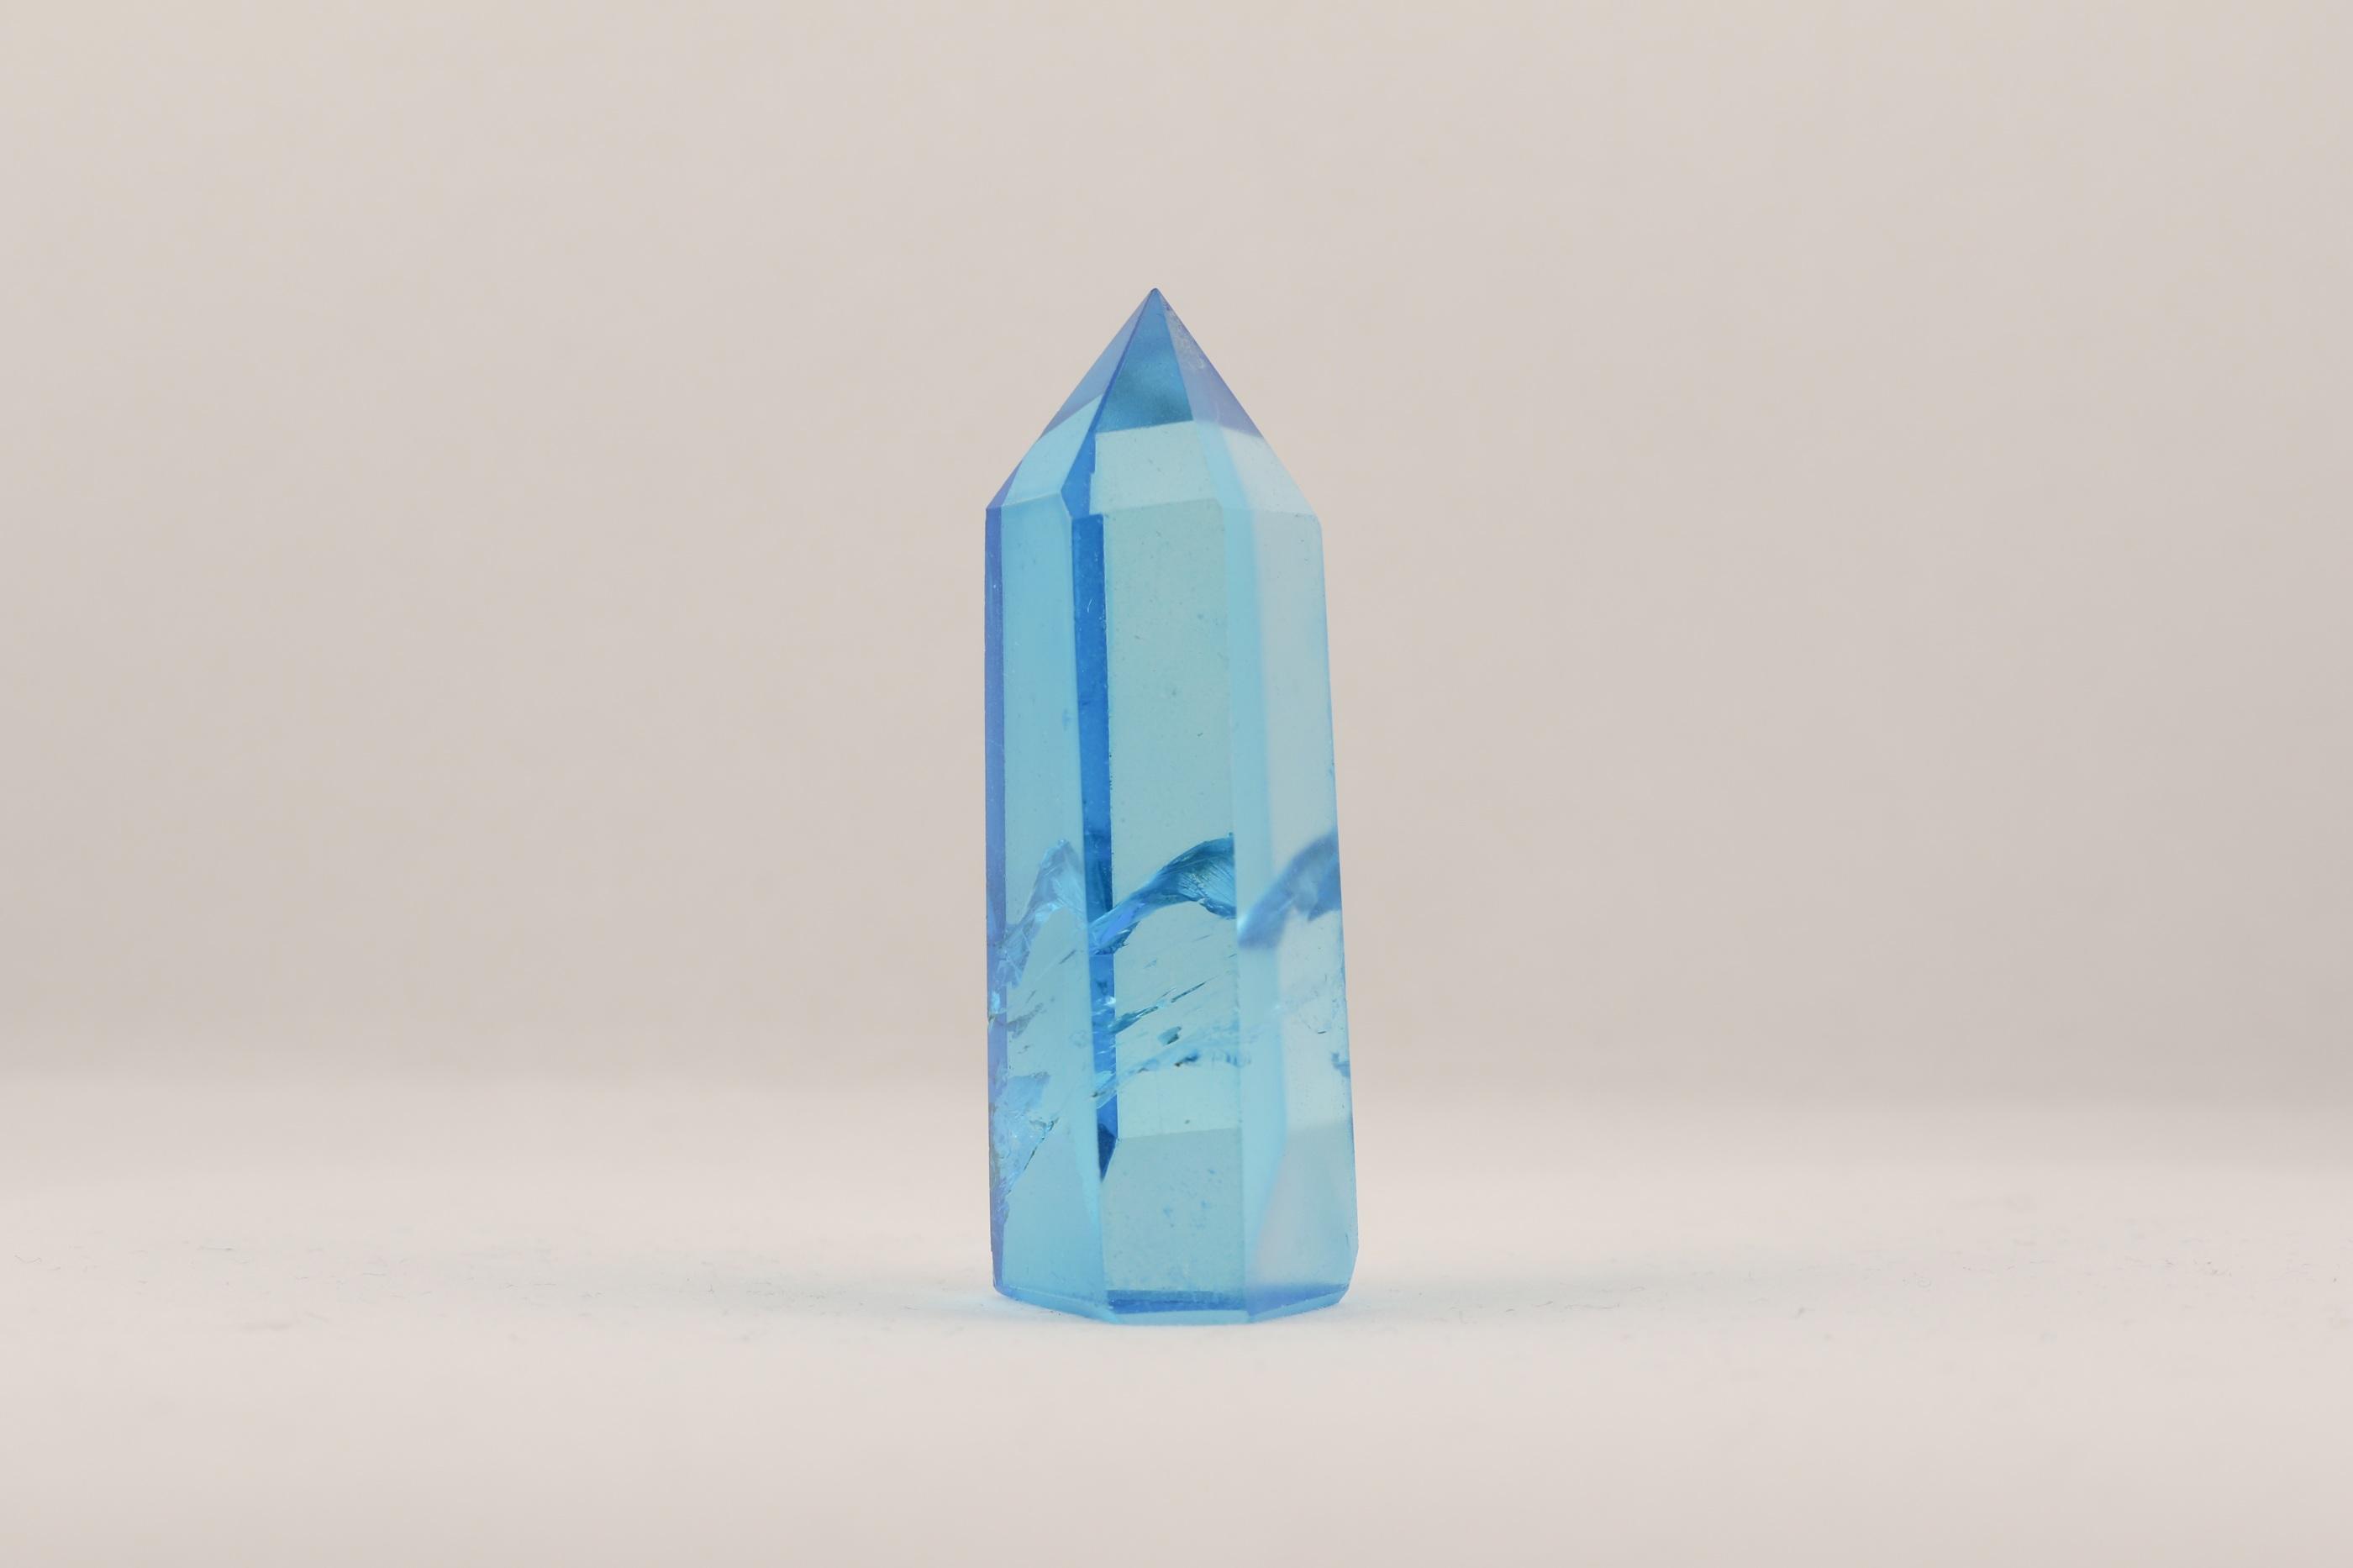 Aqua Aura stav spets ädelsten kristaller slipade stenar healing stenar chakra stenar